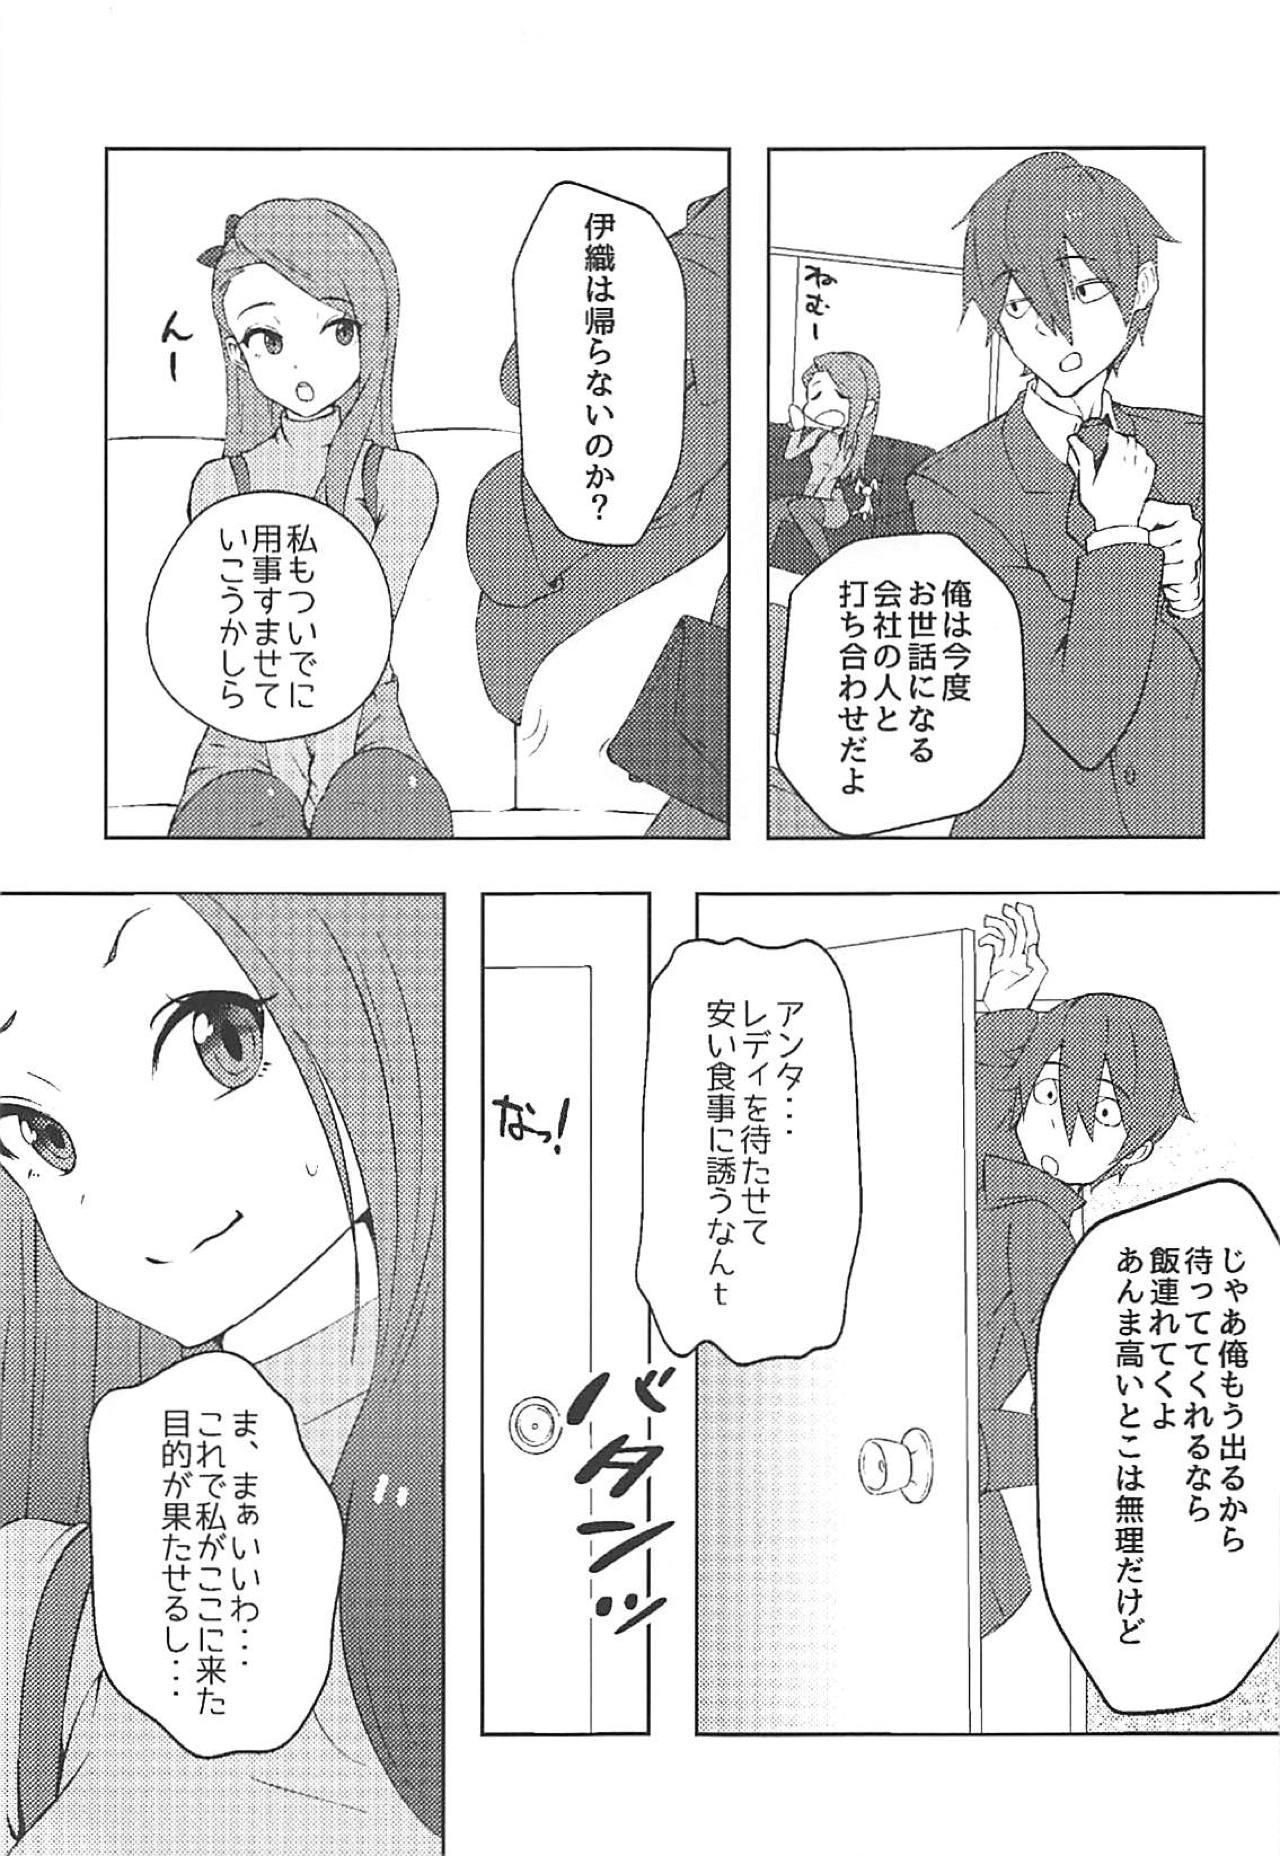 Iori no Keikaku 5